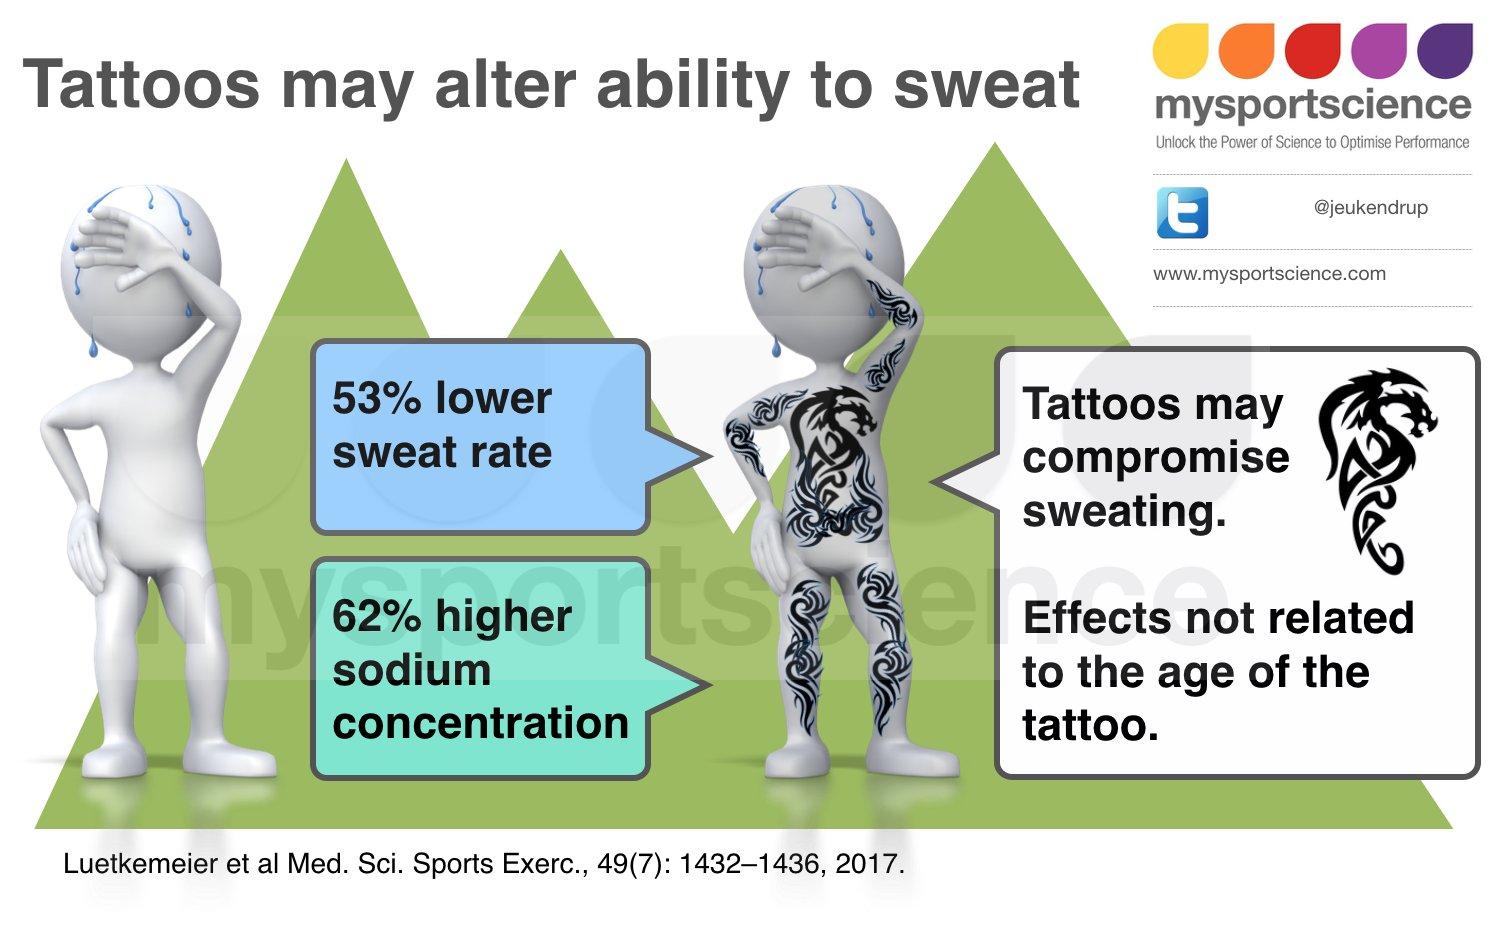 I tatuaggi possono alterare la sudorazione